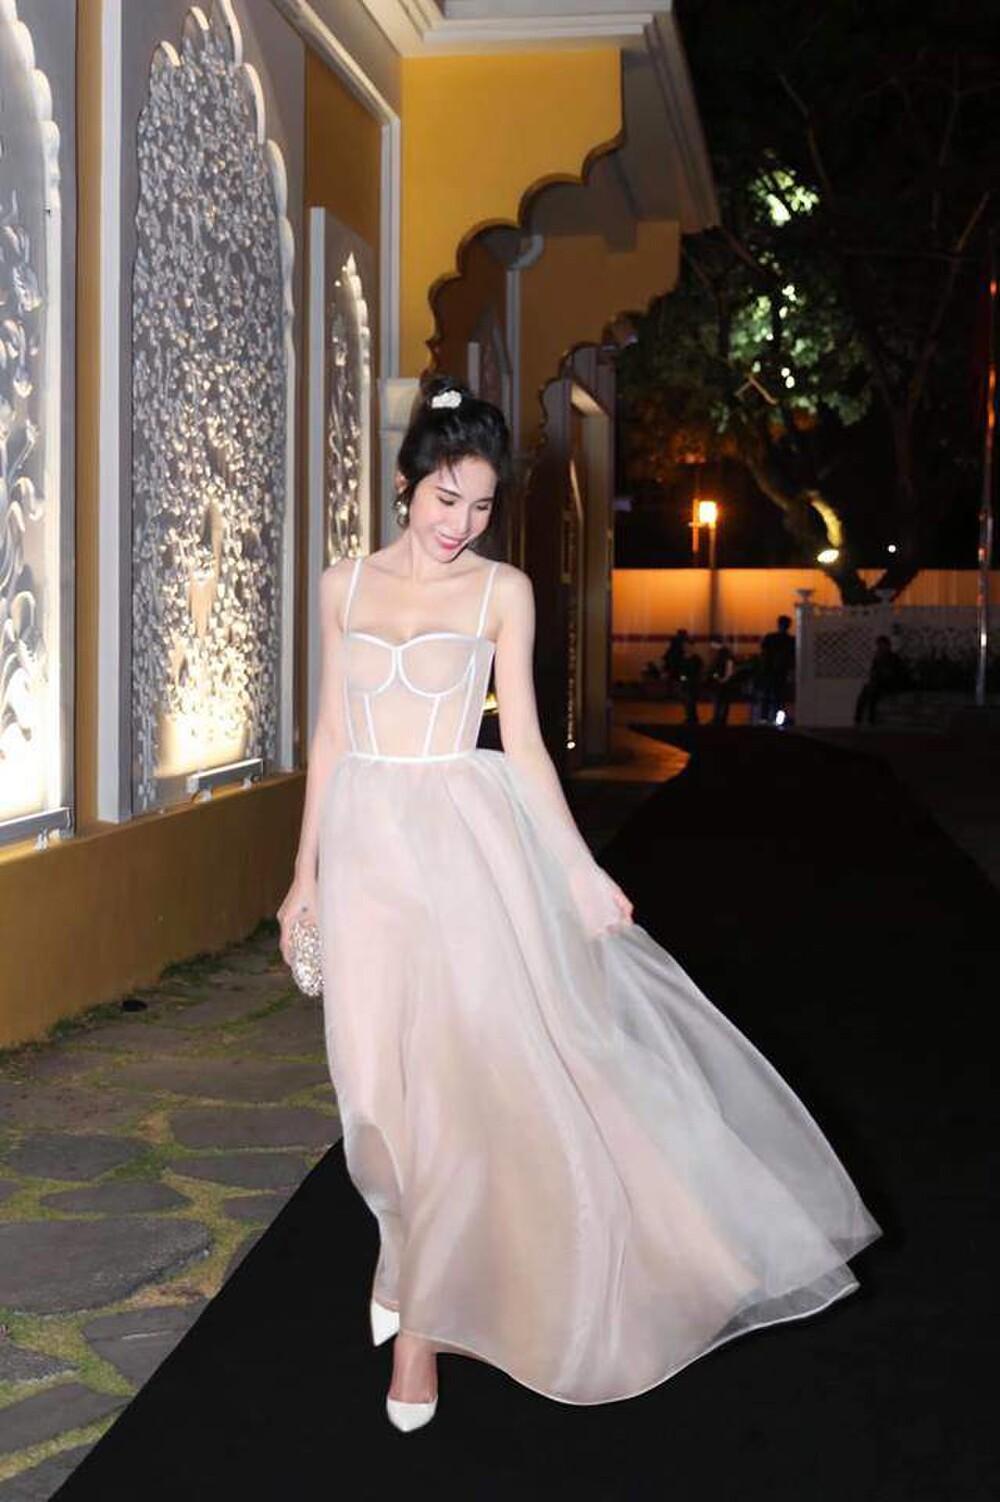 Thủy Tiên diện váy bềnh bồng để lộ xương quai xanh 'tiền tỉ', đẹp chuẩn 'nàng thơ' Ảnh 4